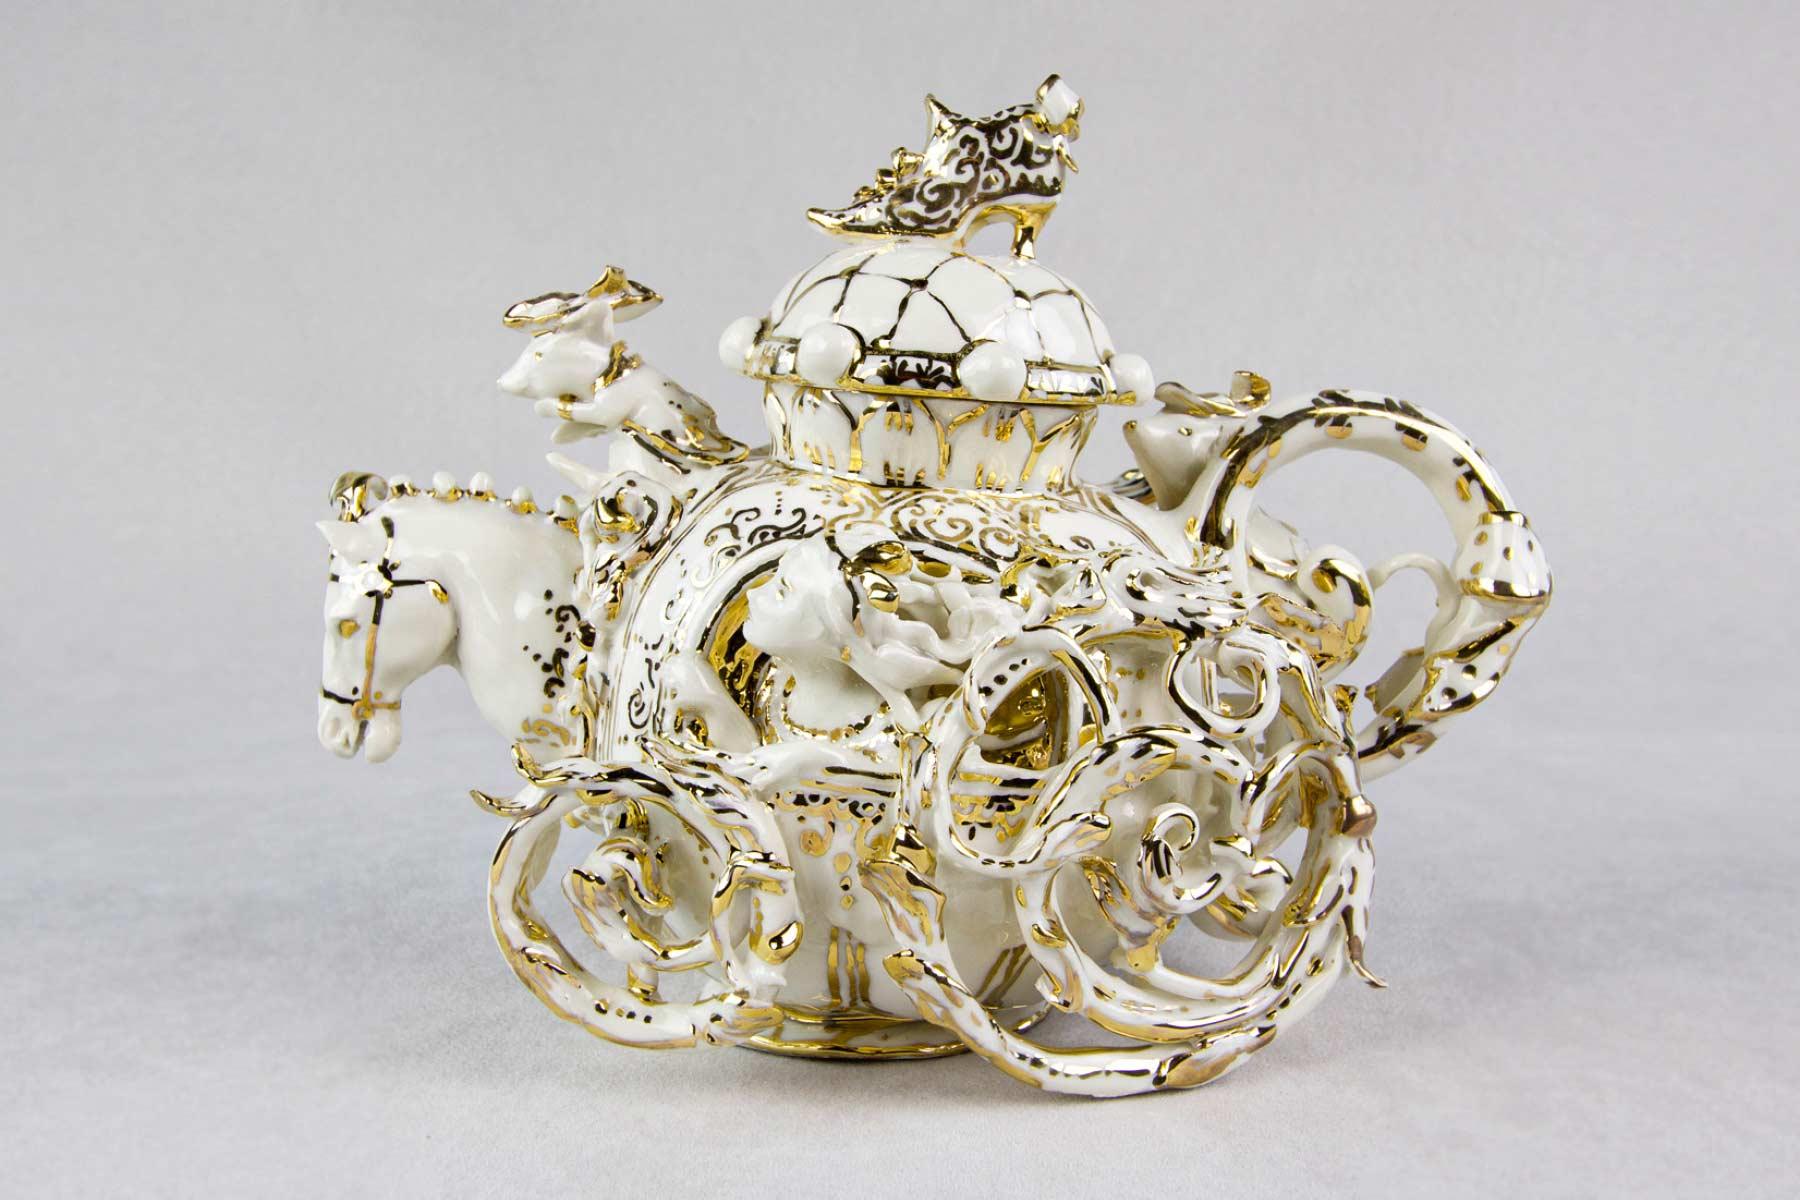 teapot cinderella porcelain gold Cecilia Coppola Italiano Plurale artist